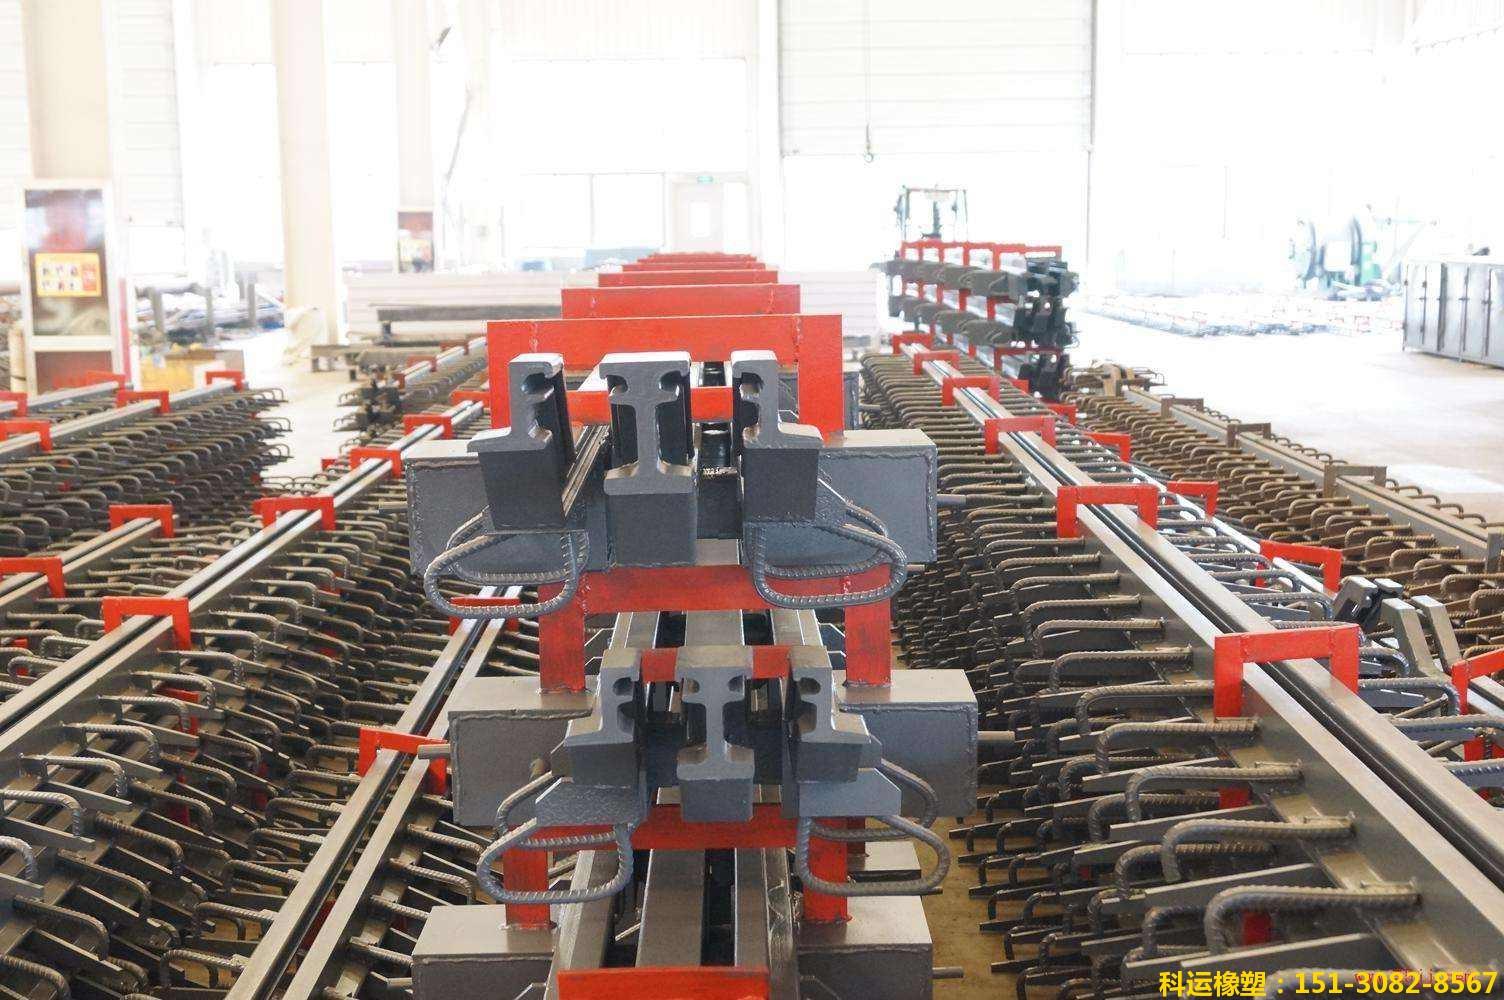 镀锌薄钢板伸缩装置 钢伸伸缩装置 橡胶伸缩装置性能比拼1